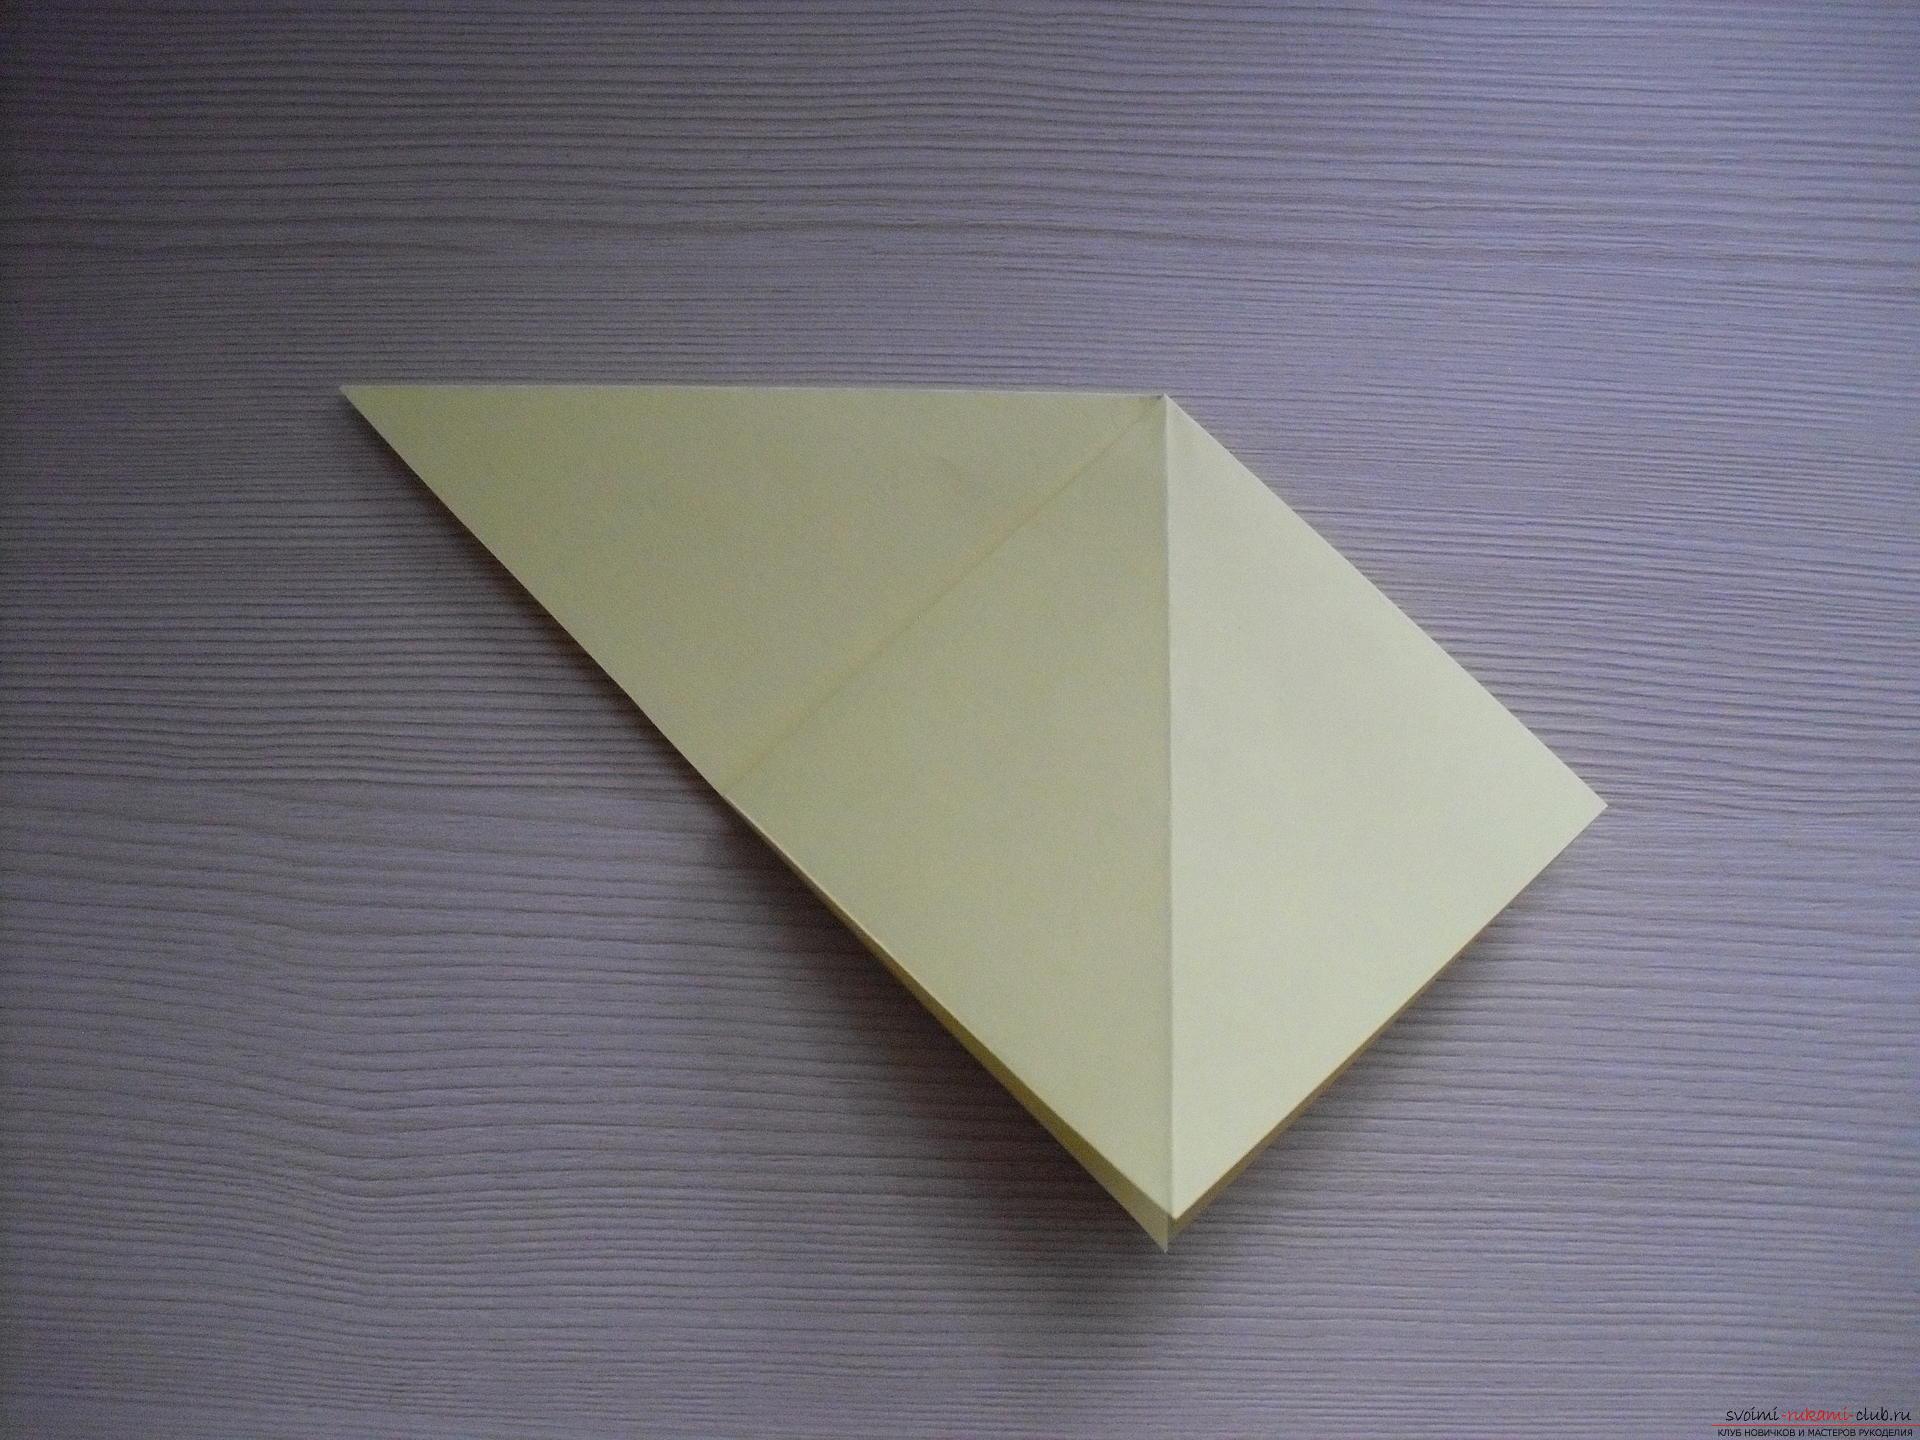 Этот пошаговый мастер-класс с инструкцией модульного оригами научит как сделать корзинку с лилиями.. Фото №25